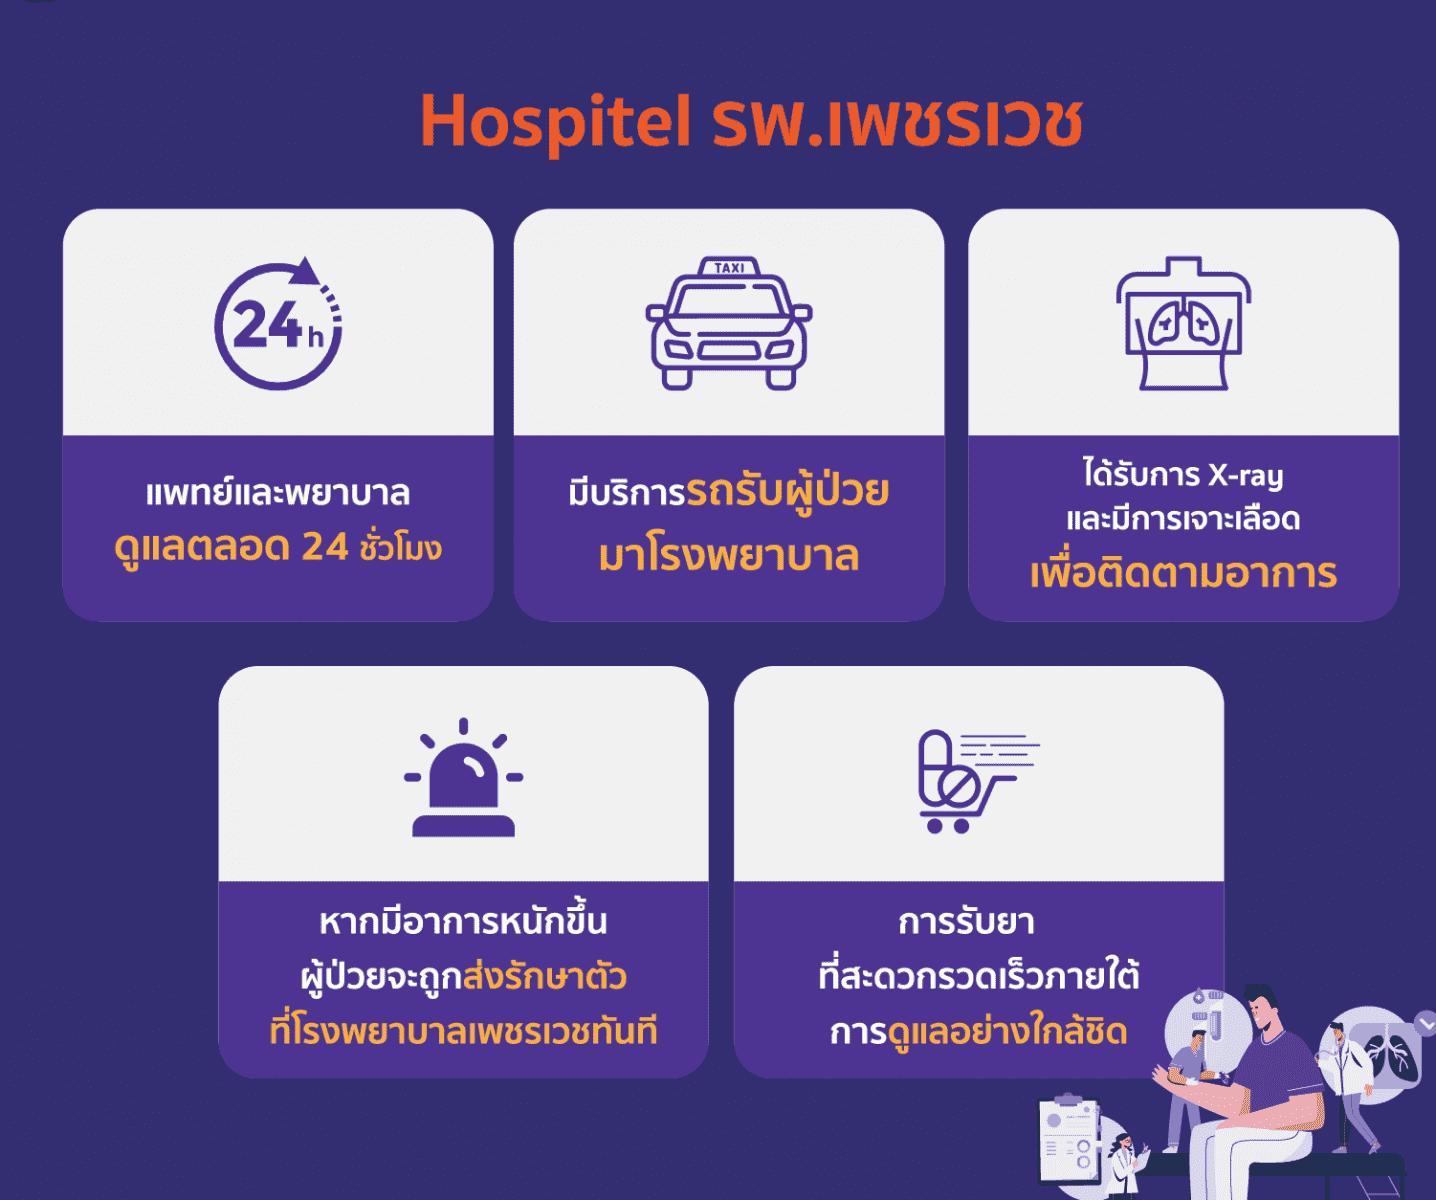 การรักษา Hospitel ที่โรงพยาบาลเพชรเวชดีอย่างไร